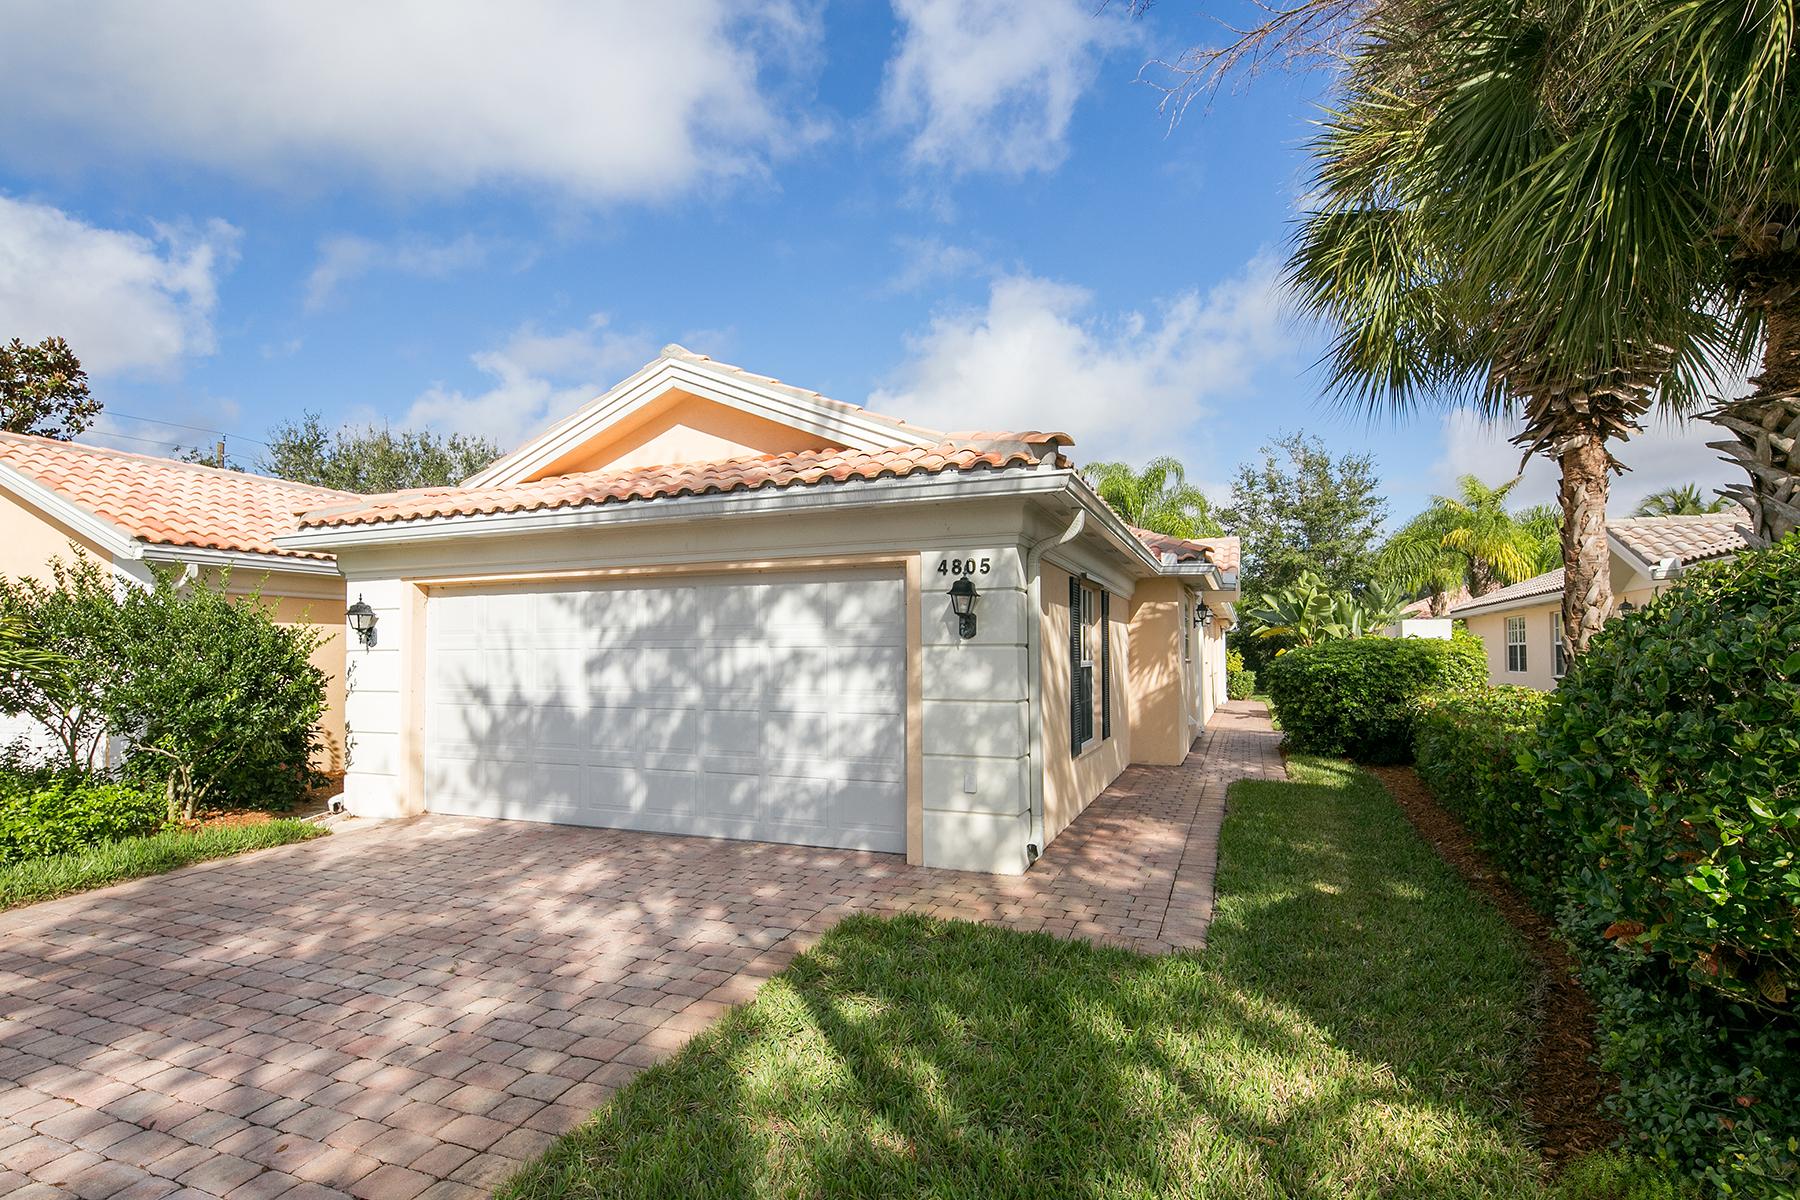 联栋屋 为 销售 在 ISLAND WALK 4805 Lasqueti Way 那不勒斯, 佛罗里达州, 34119 美国